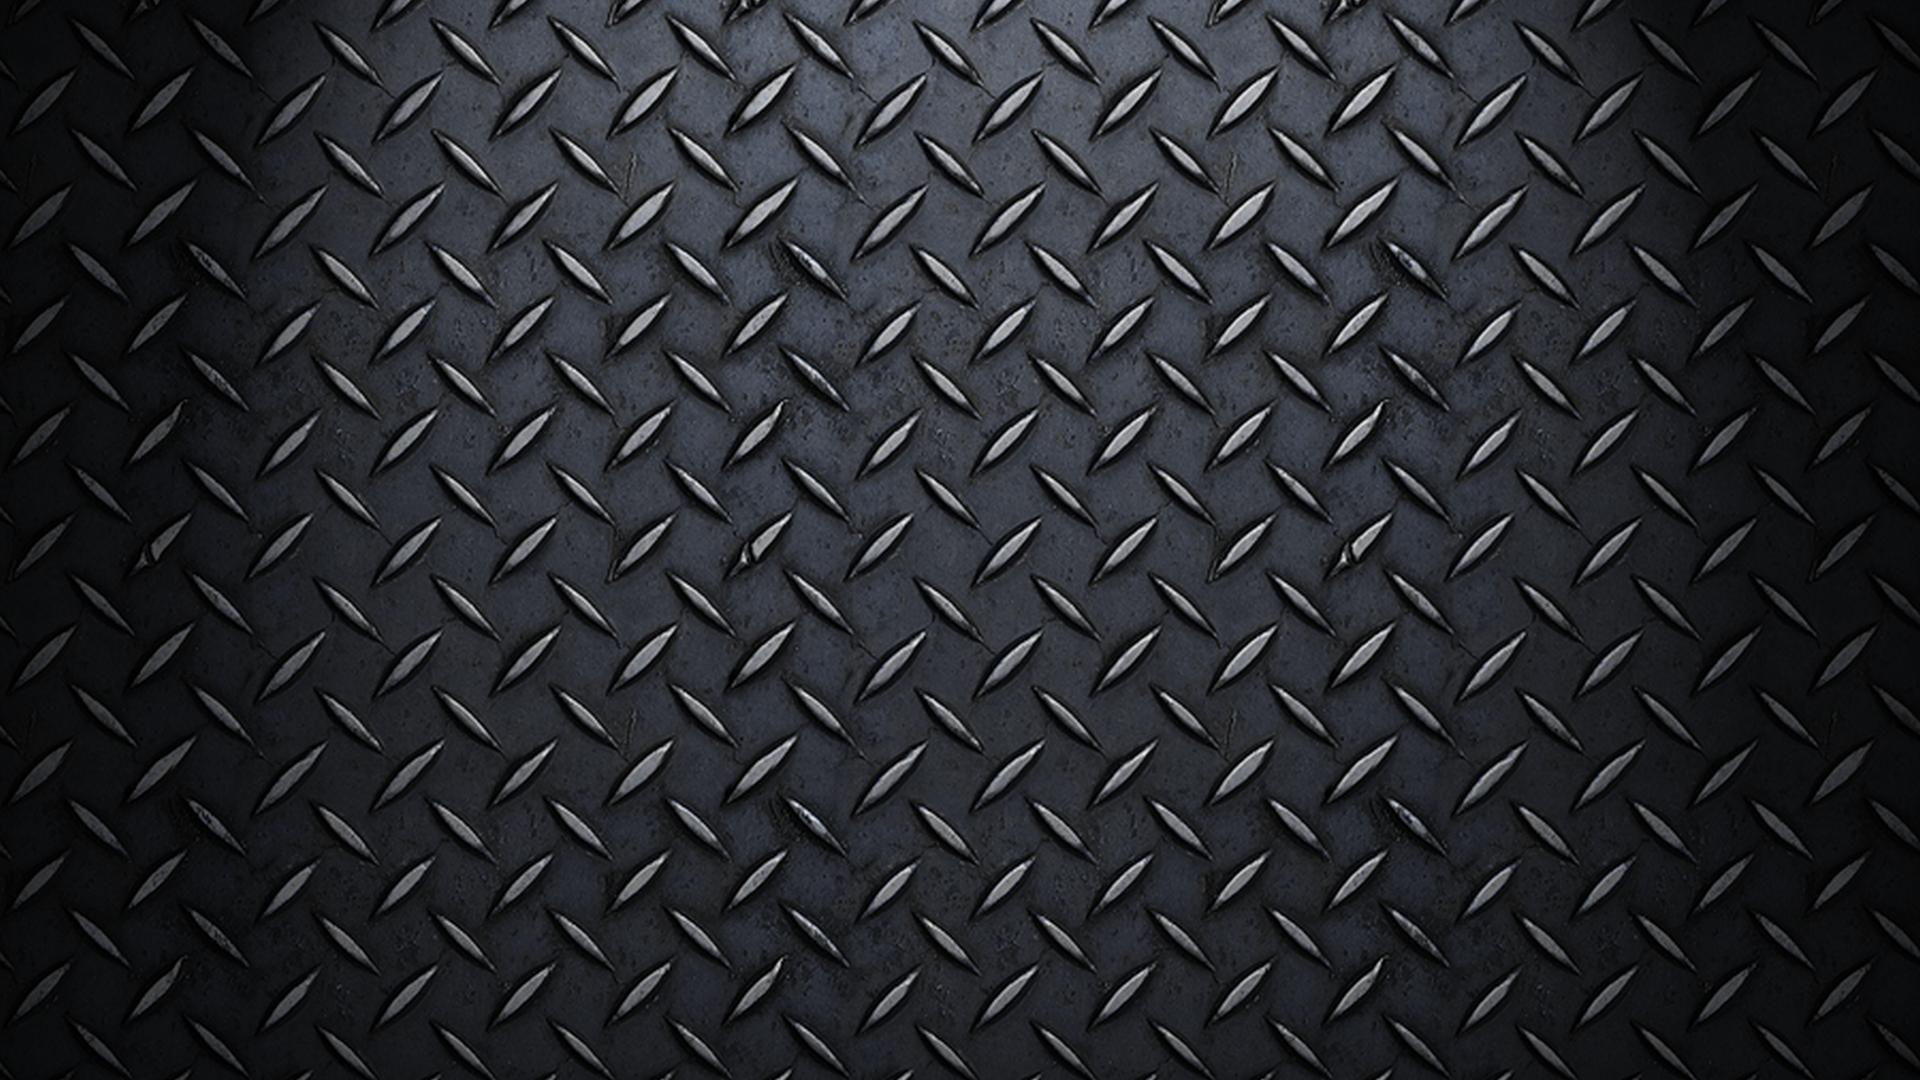 Diamond Plate Carbon Fiber Wallpaper Metal Texture Textured Wallpaper